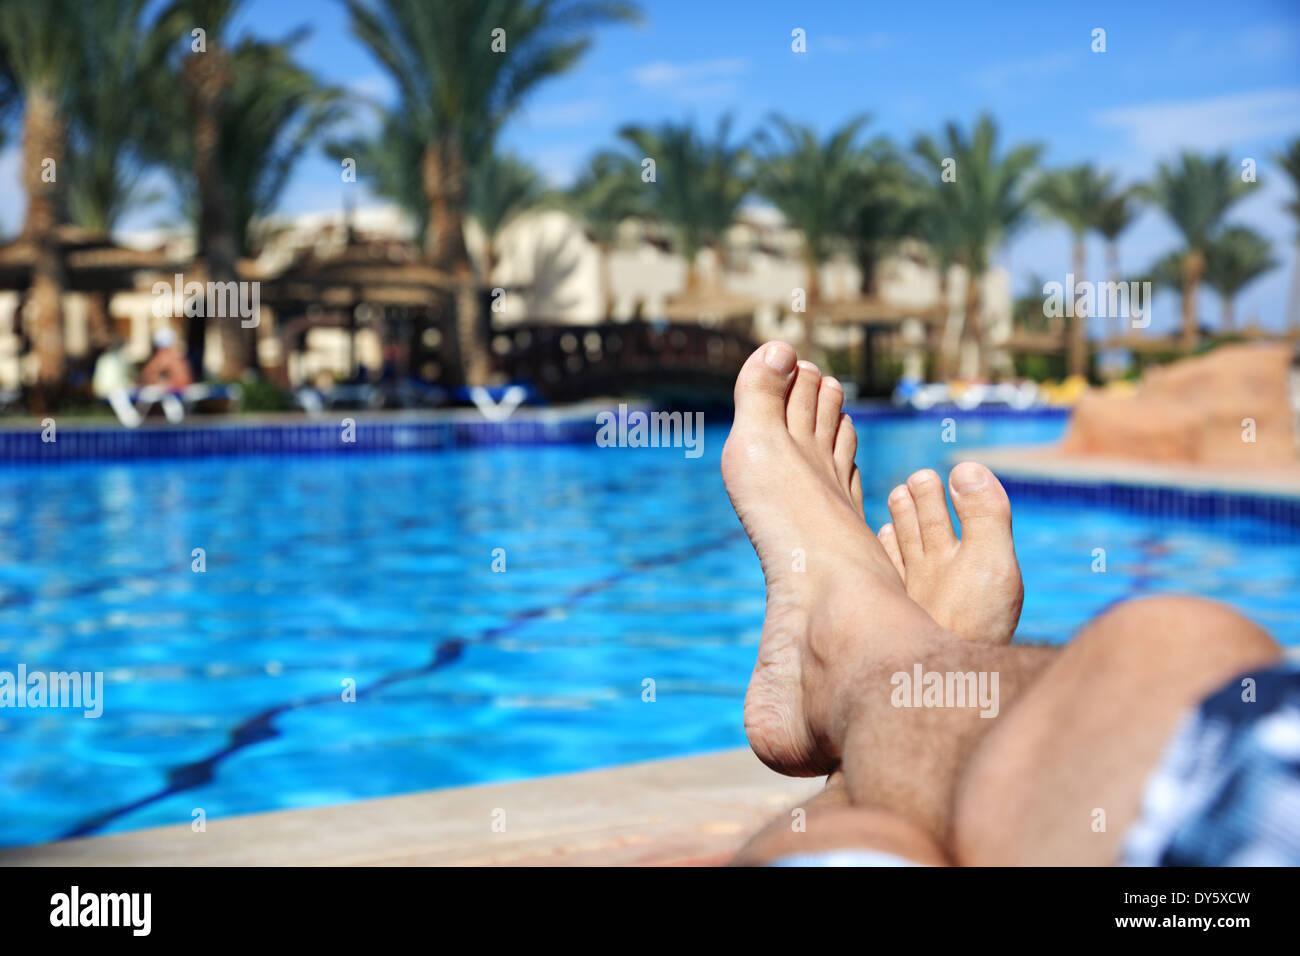 Sonnenbaden am Swimmingpool Stockbild